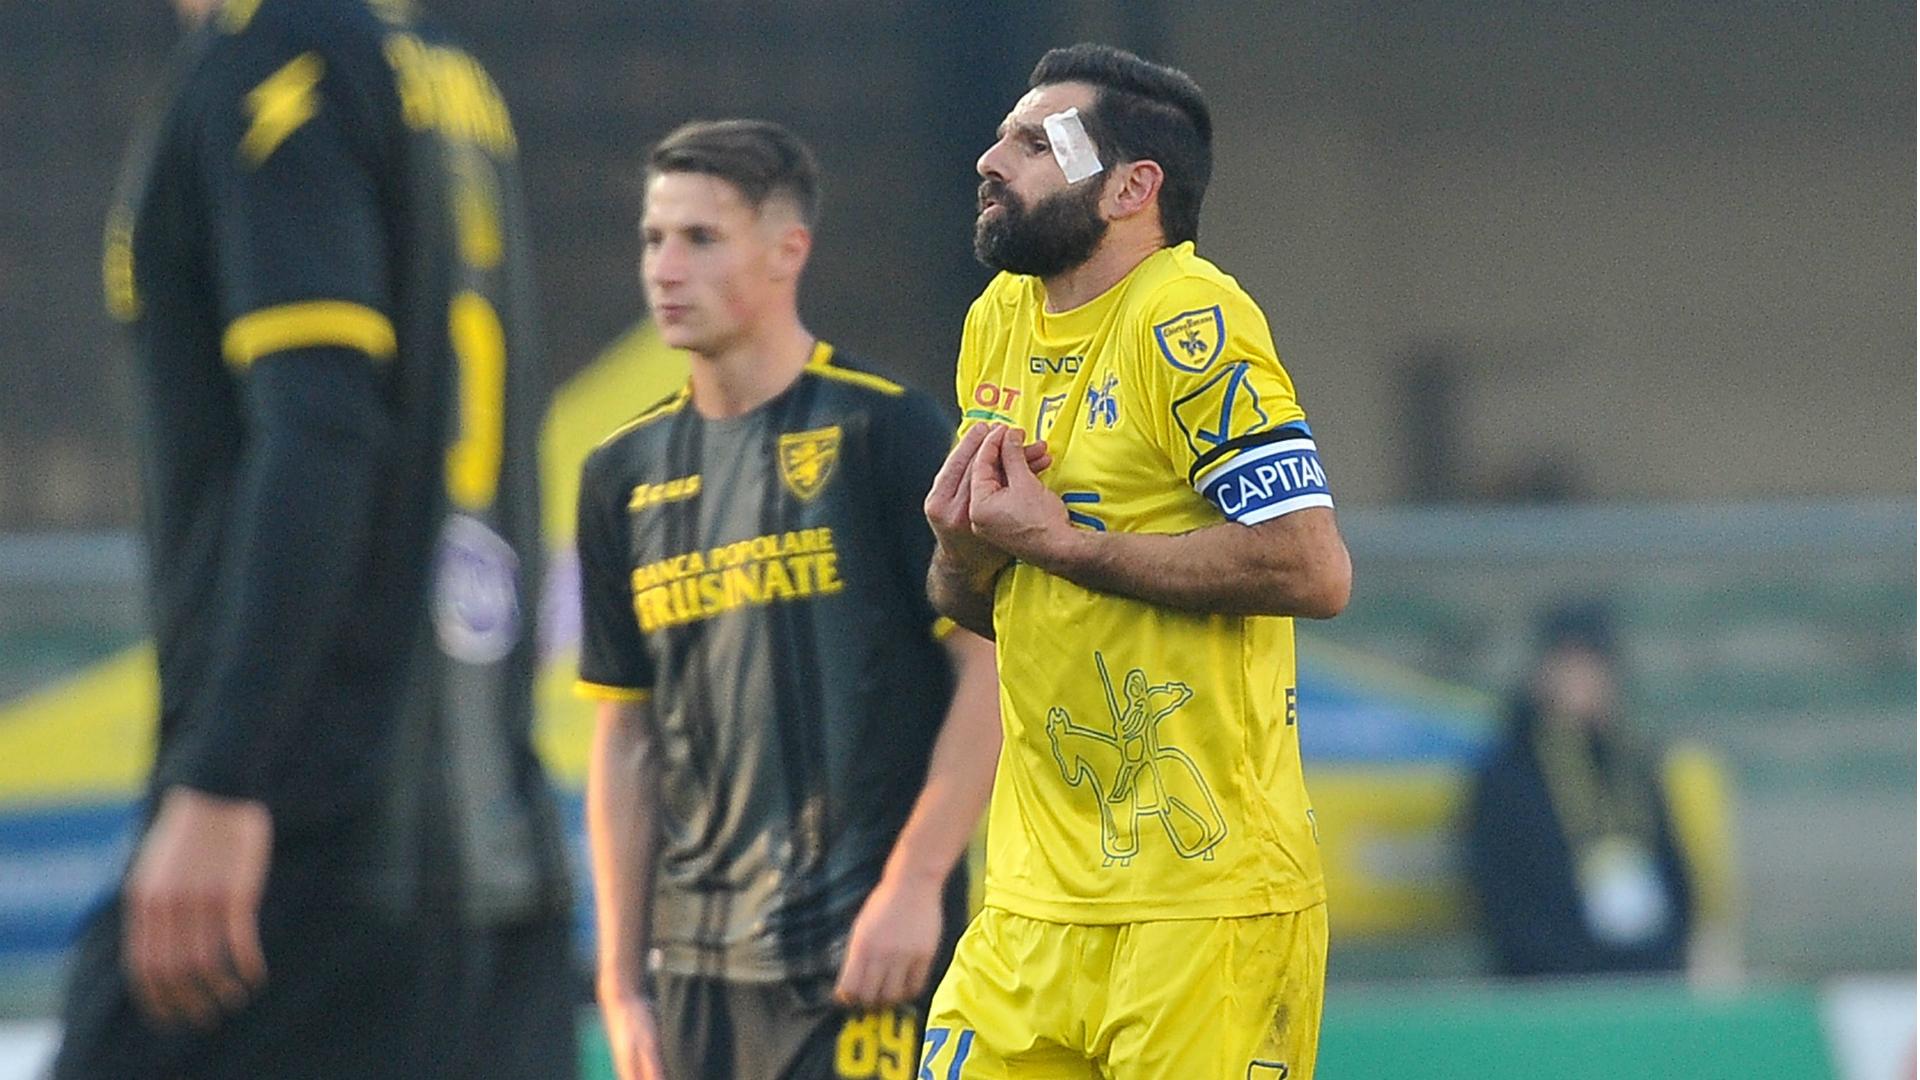 Chievo-Cagliari 0-3: Pisacane, Joao Pedro e Ionita blindano la salvezza